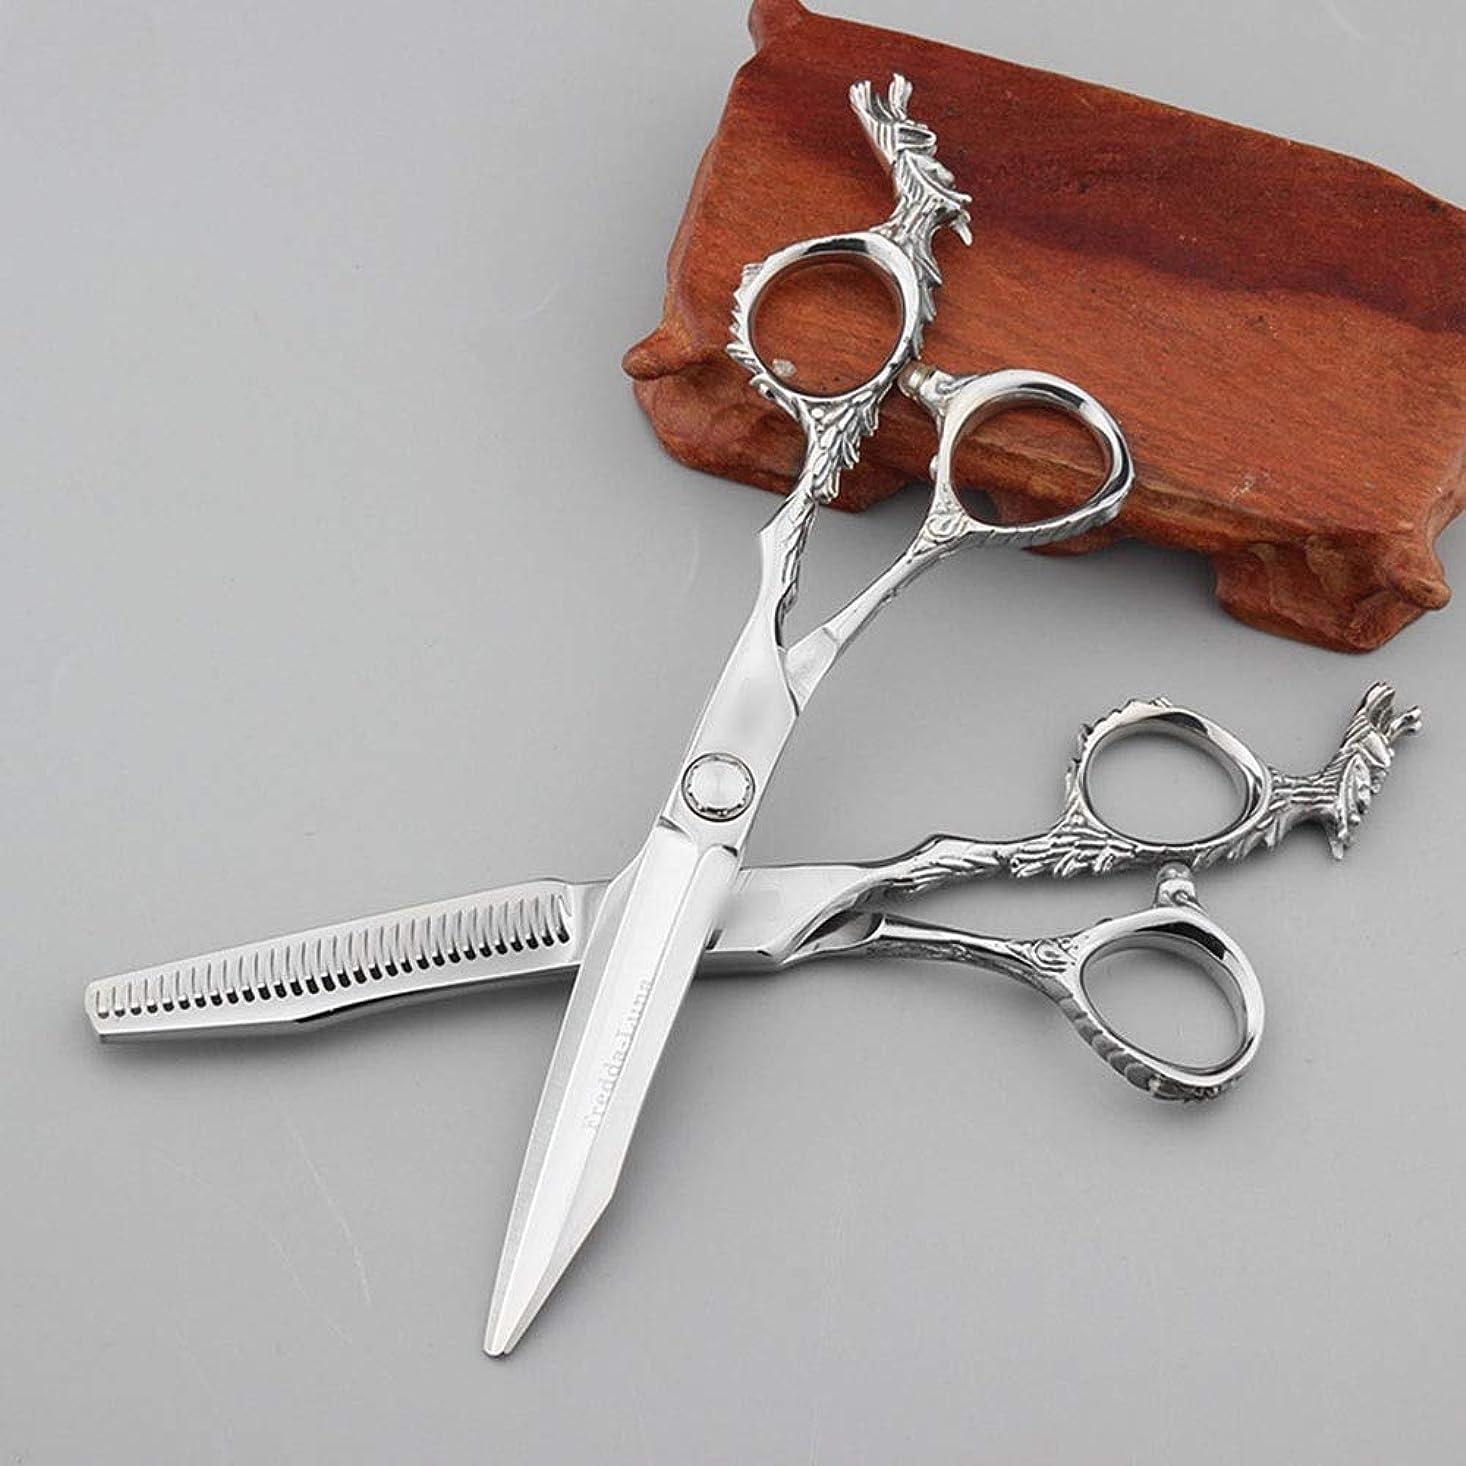 引退した上流のアーティキュレーション6インチドラゴン型彫刻ハンドルデザイン、美容院プロのヘアカットフラットシザー+歯シザーセット モデリングツール (色 : Silver)